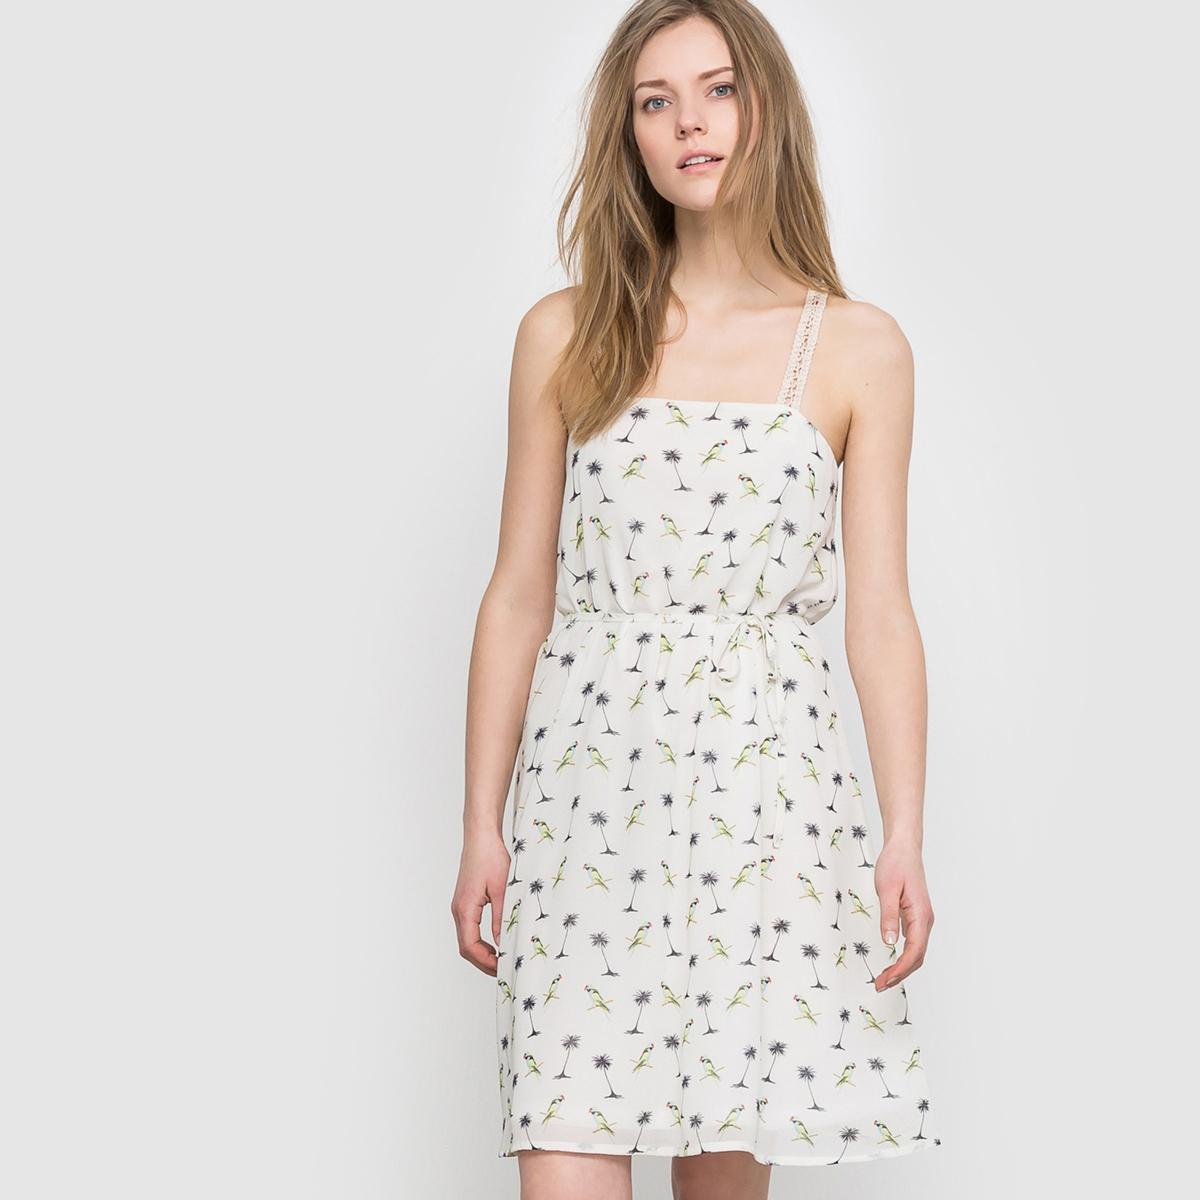 Платье из струящейся ткани с открытыми плечамиСостав и описаниеМарка: MOLLY BRACKEN.Материалы: 100% полиэстер.УходМашинная стирка при 30° с одеждой такого же цвета.Сушить на открытом воздухе.Гладить на низкой температуре.<br><br>Цвет: белый наб.рисунок<br>Размер: XS